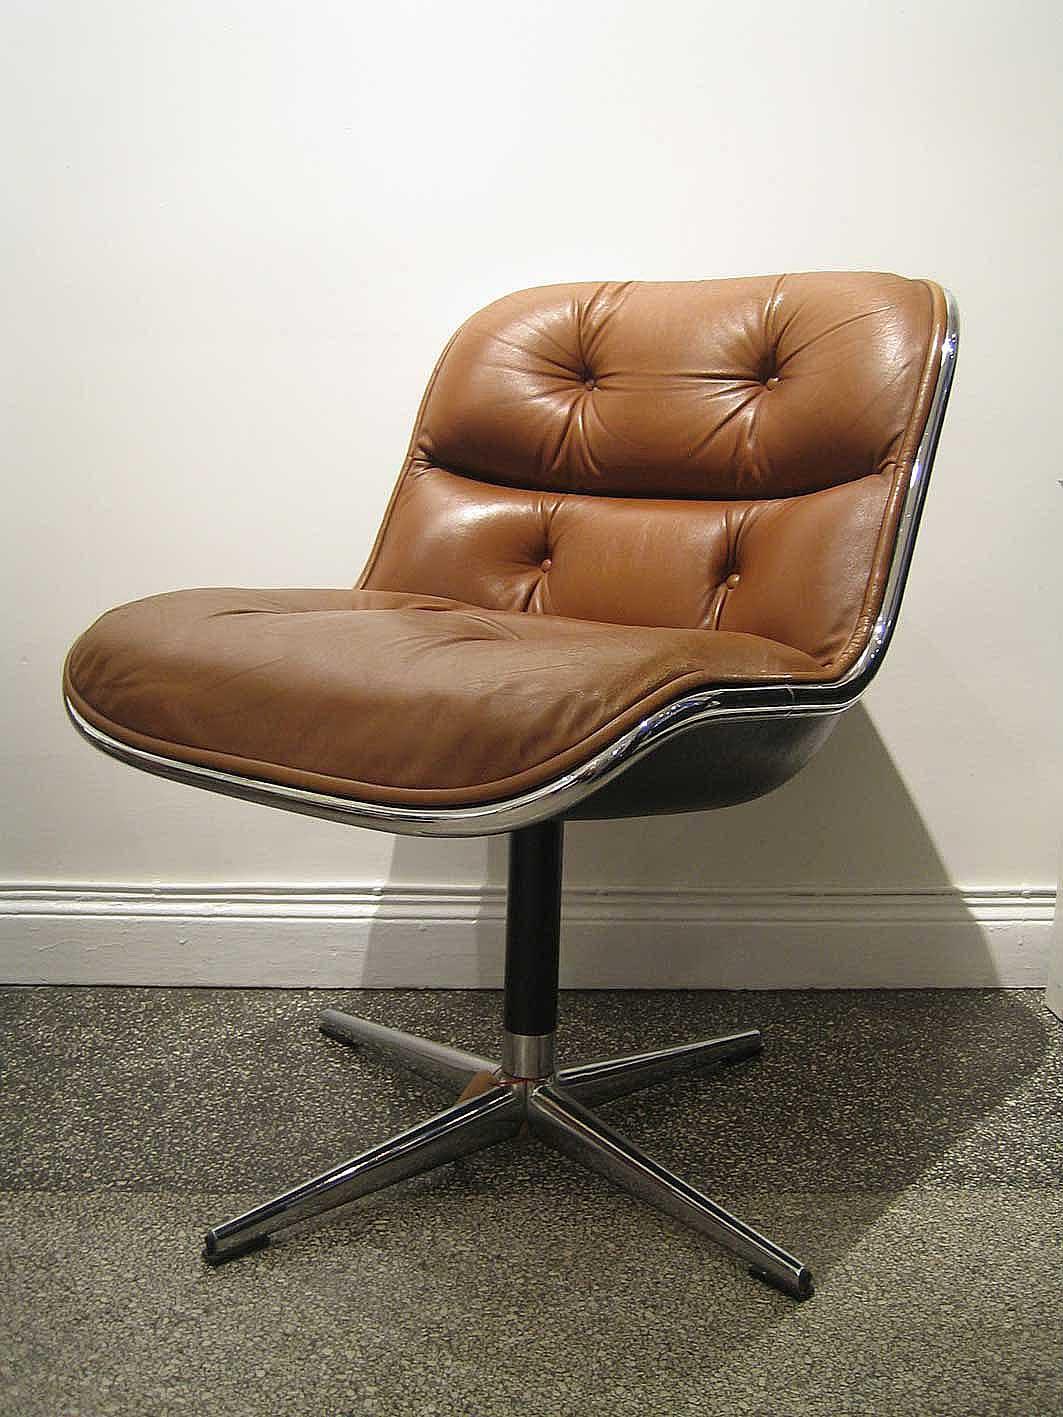 leicester bangs charles pollock best selling chair designer dies